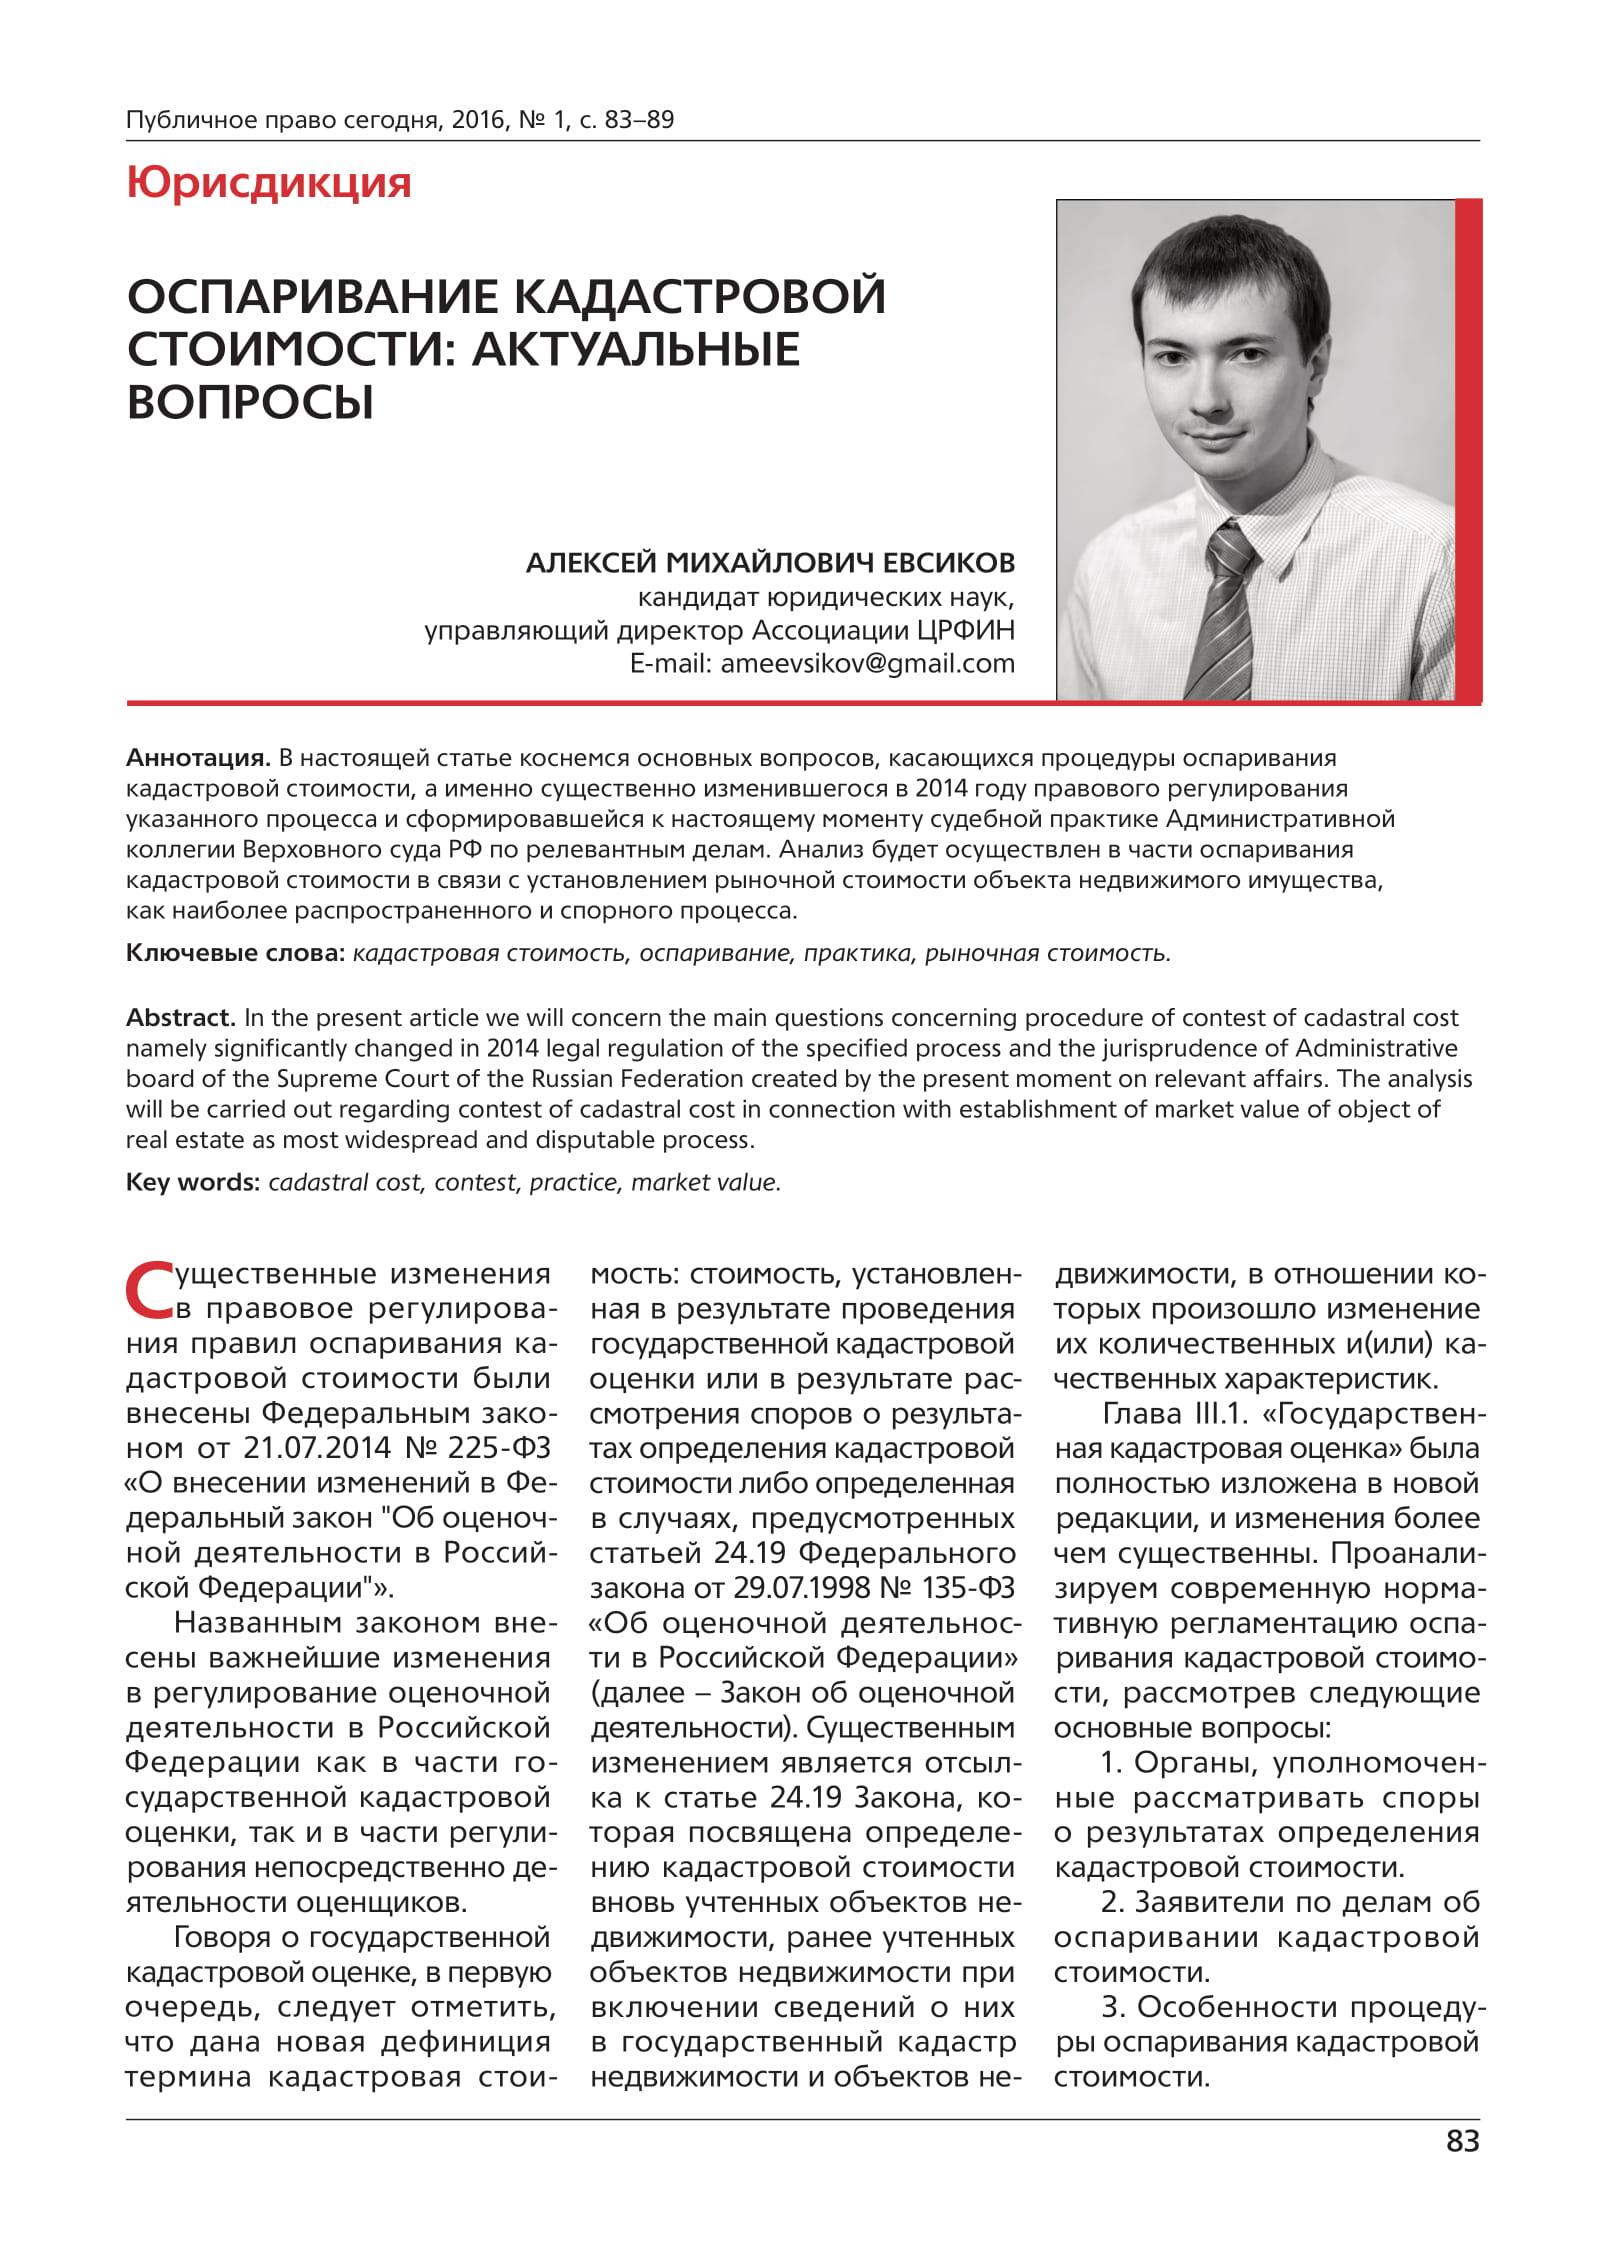 Что такое юстиция в российском законодательстве — как менялся смысл и функции органов юстиции